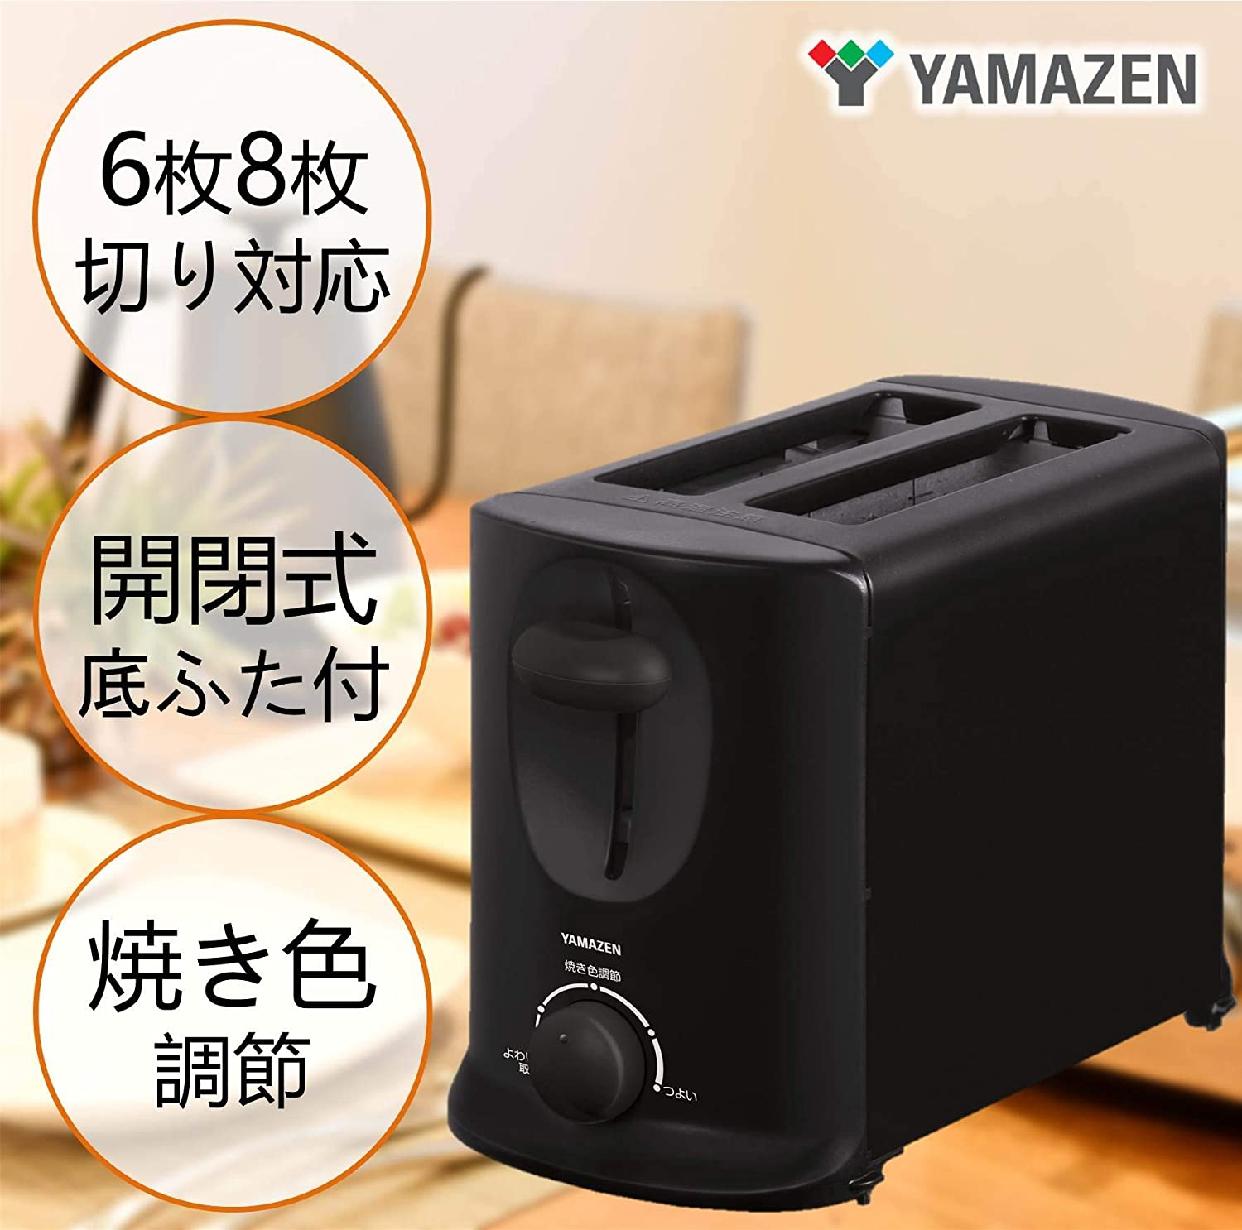 山善(YAMAZEN) ポップアップトースター ブラック YUA-801の商品画像2